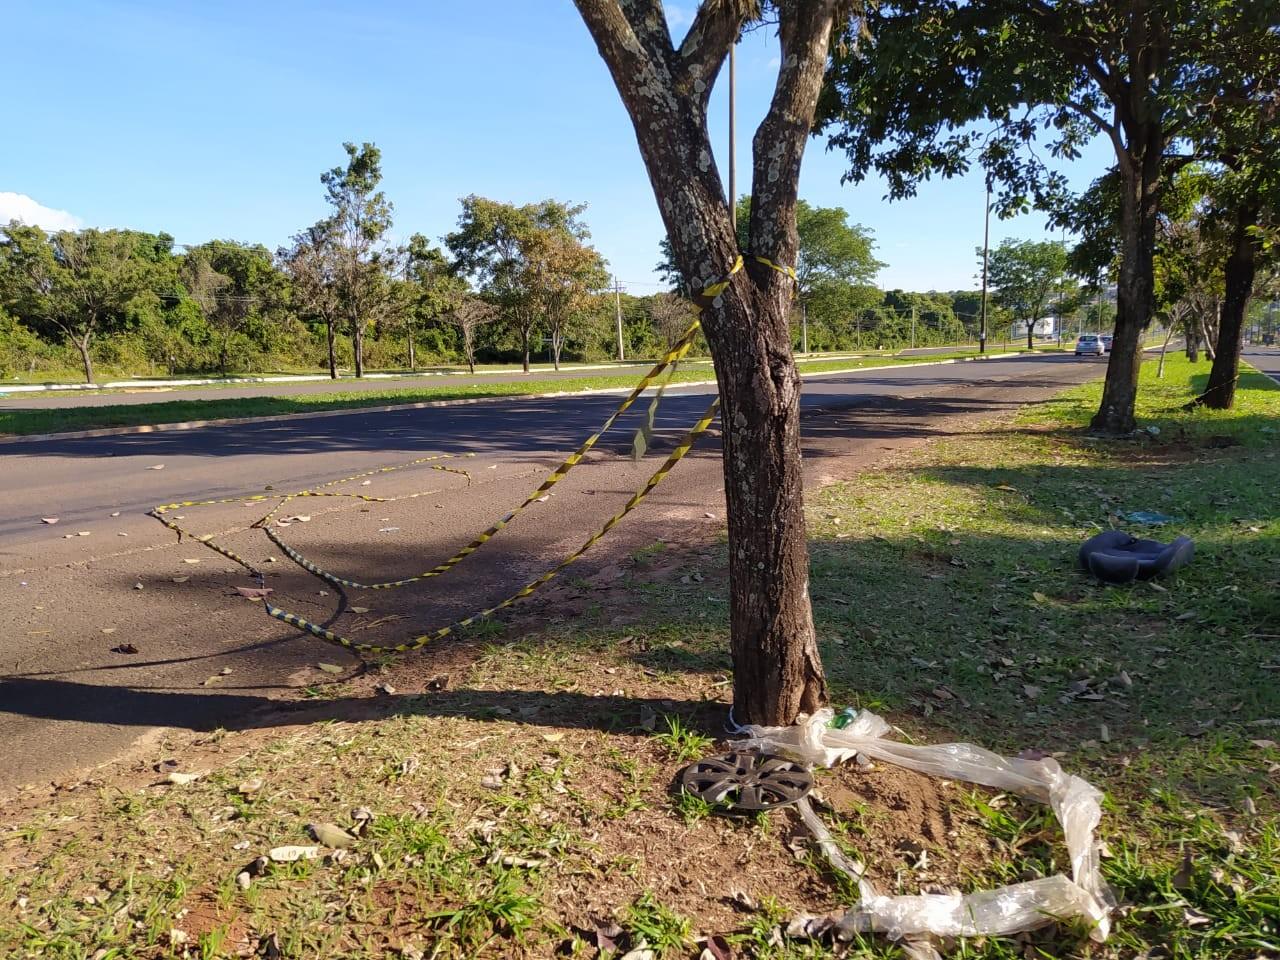 Policial embriagado que matou professora em acidente de trânsito tem prisão preventiva decretada